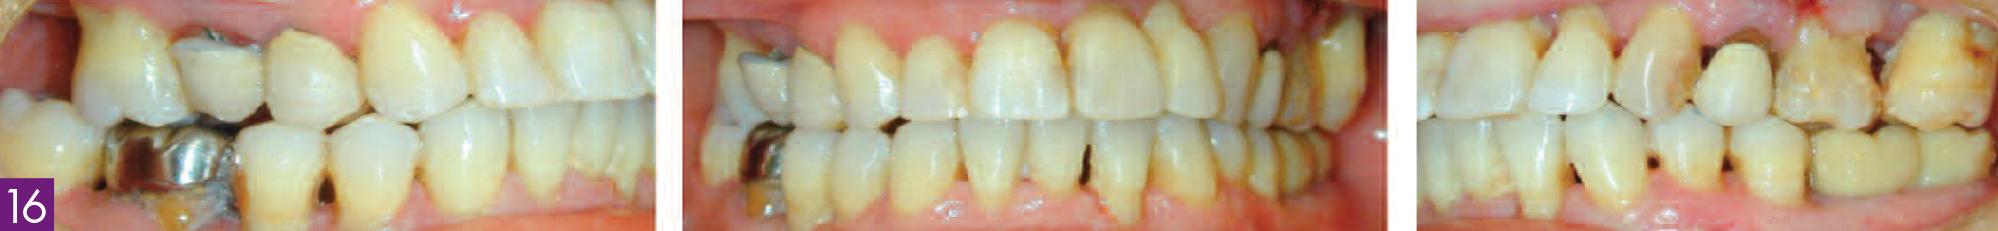 couronnes-transitoires-sur-implants